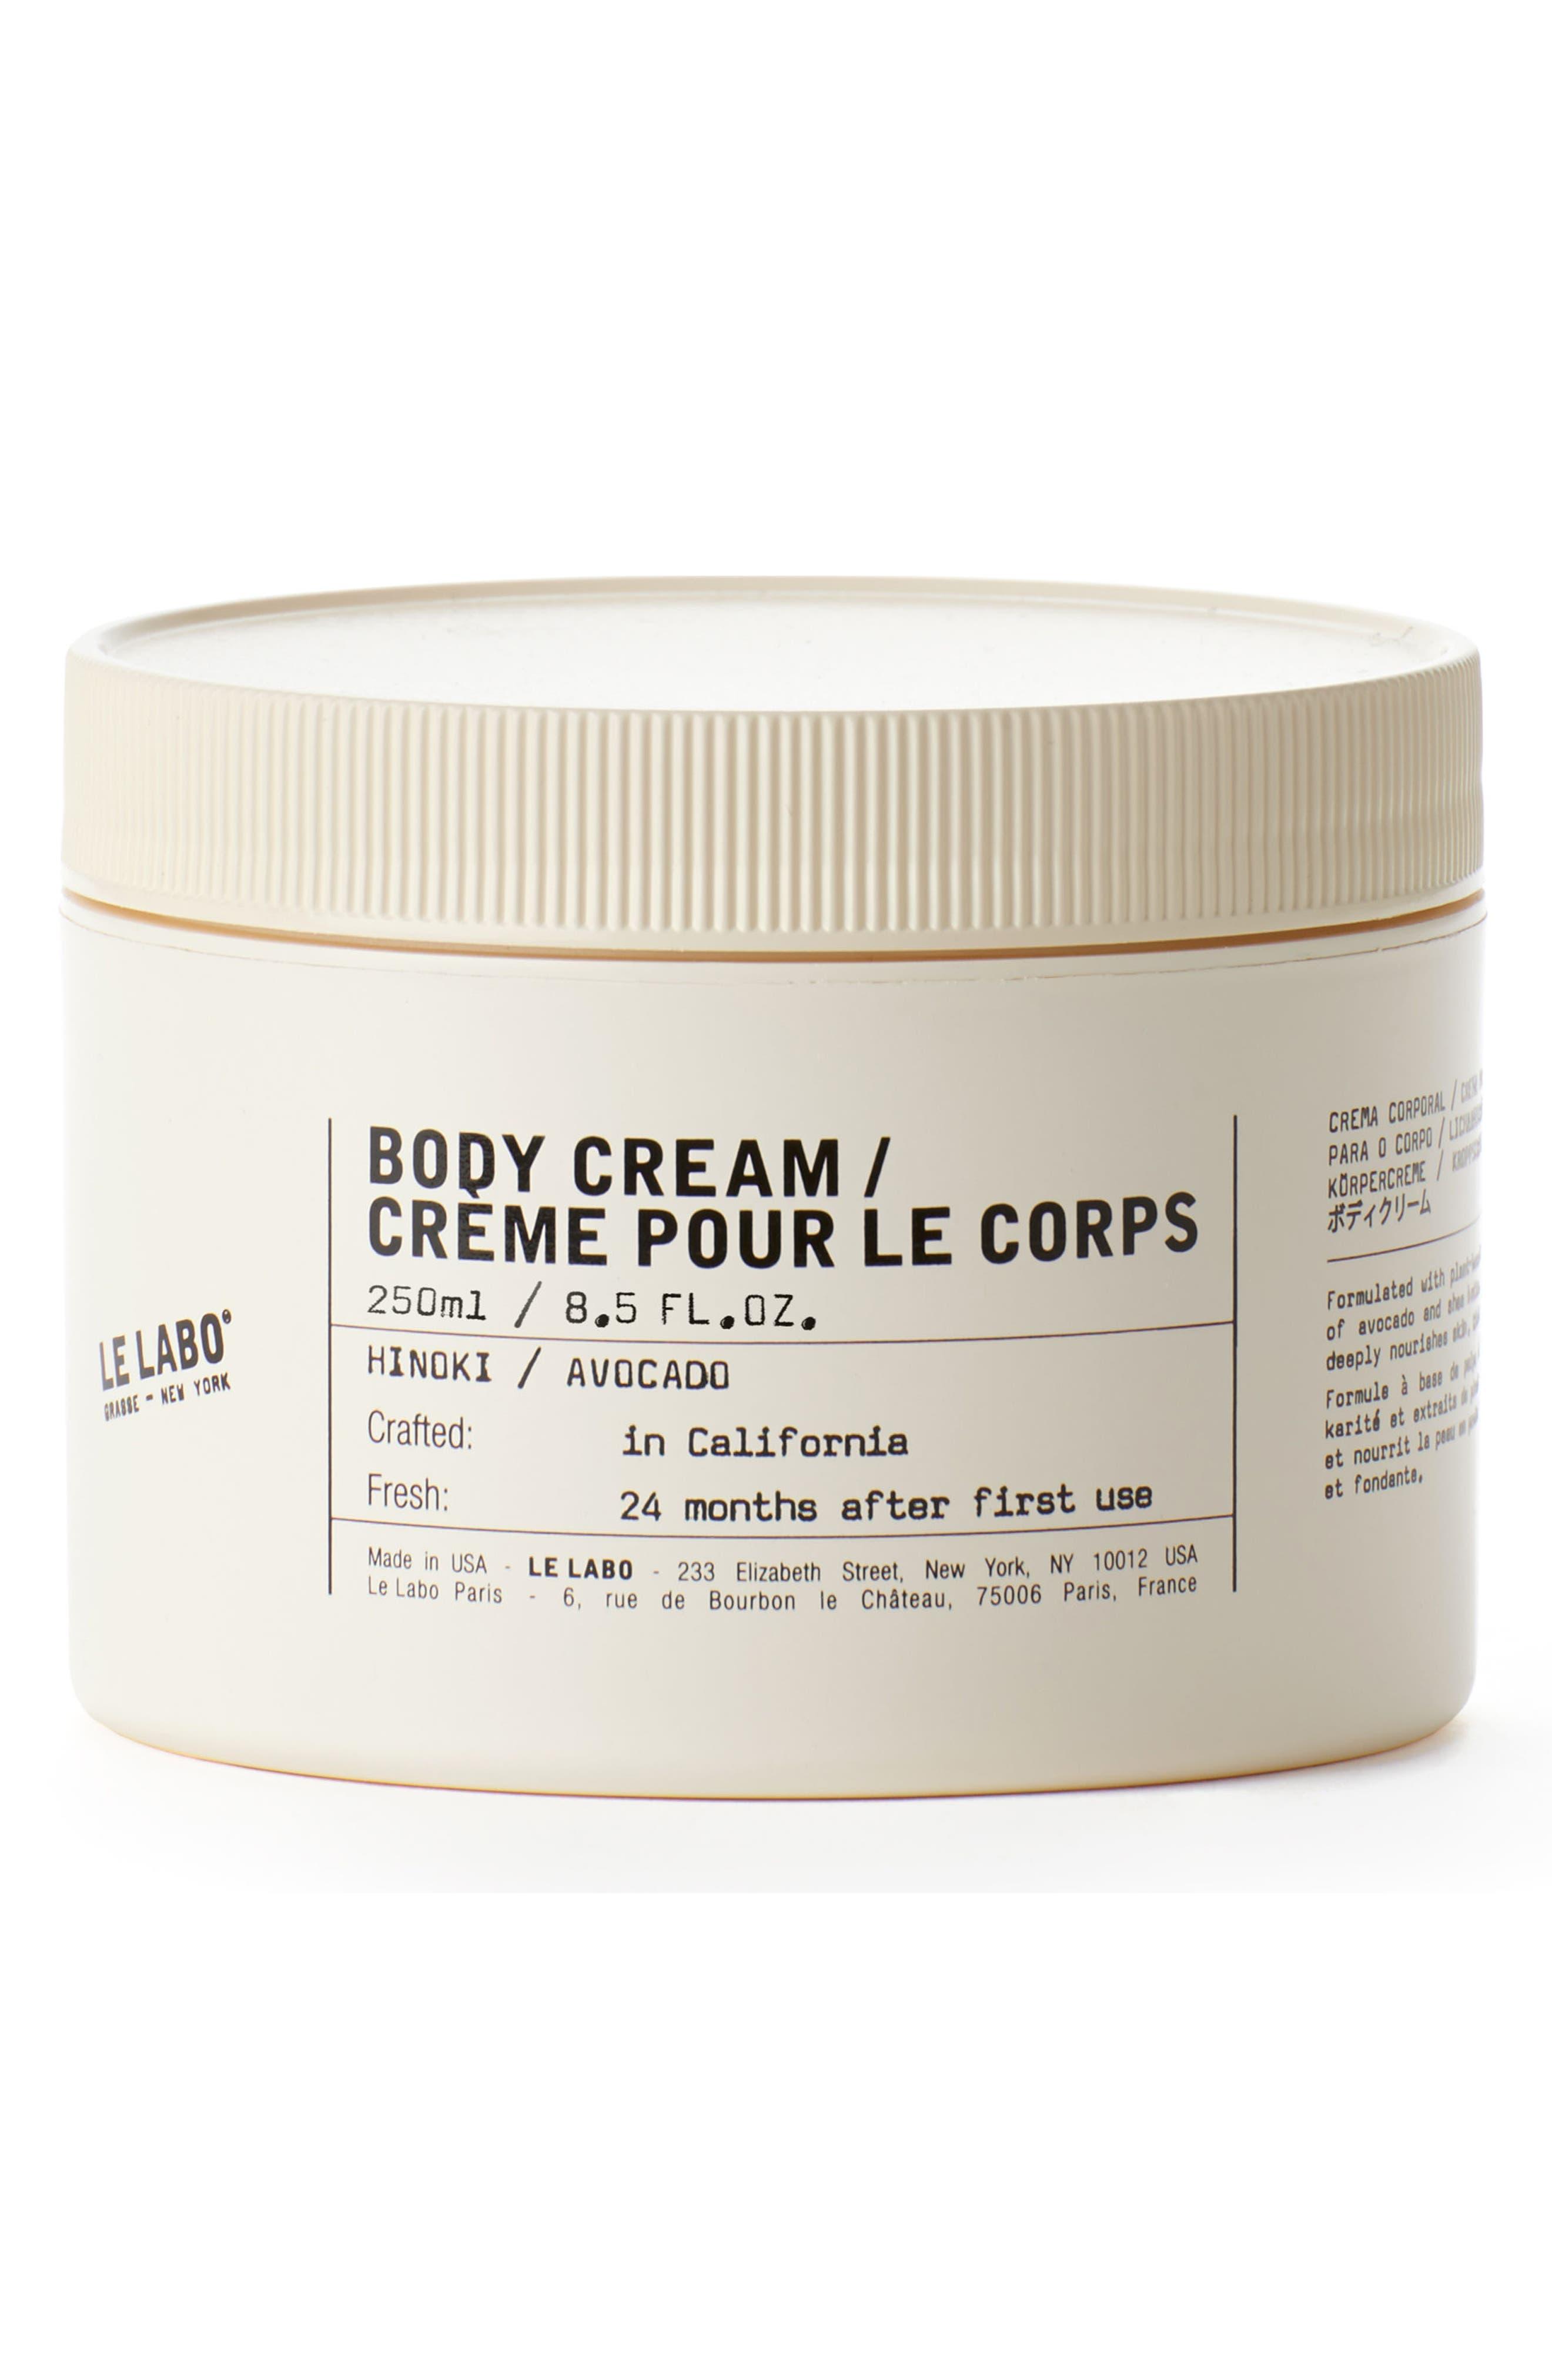 Hinoki Body Cream